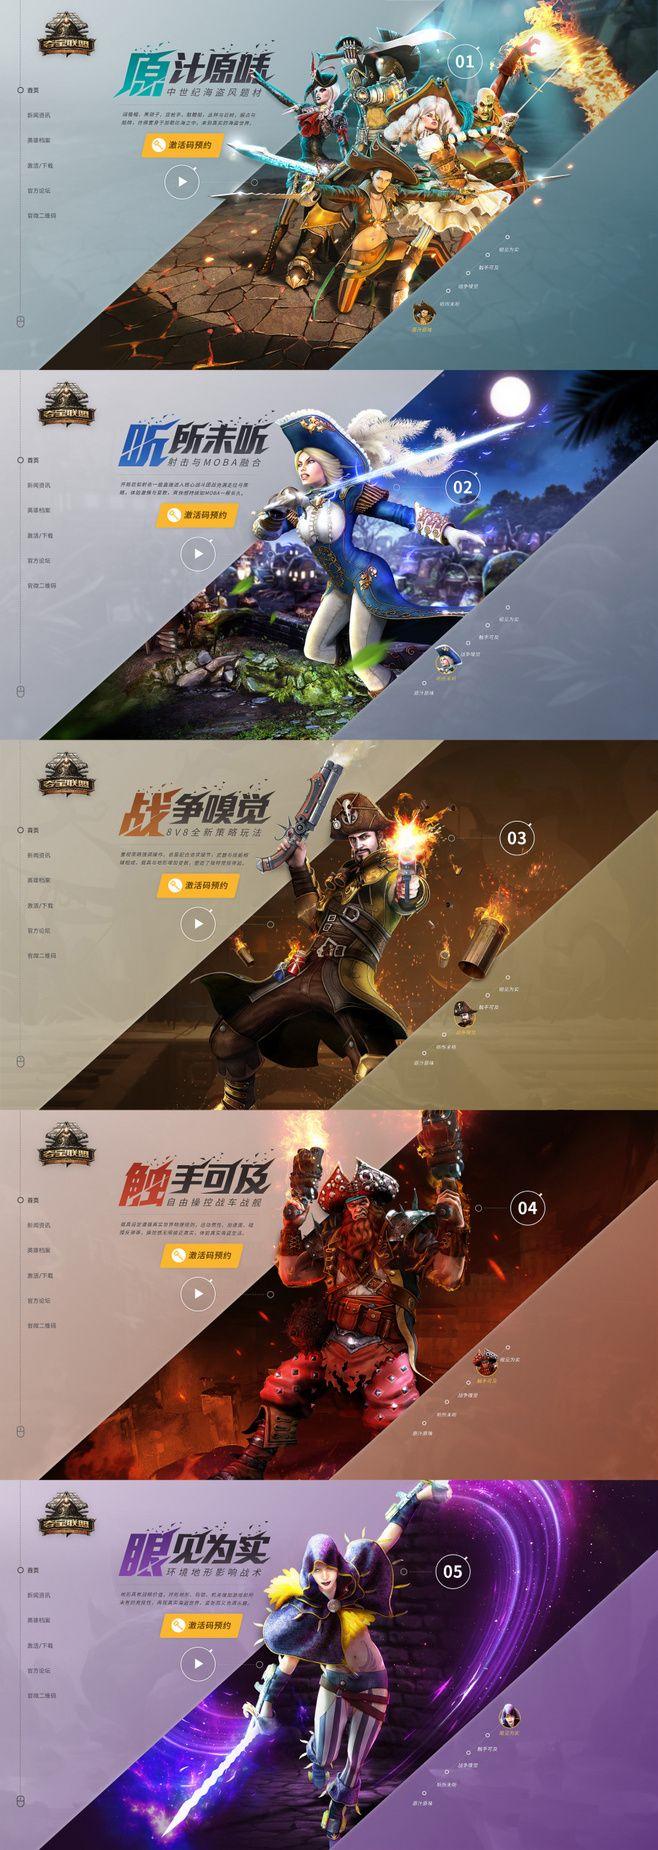 原创作品:游戏网页整理(一)